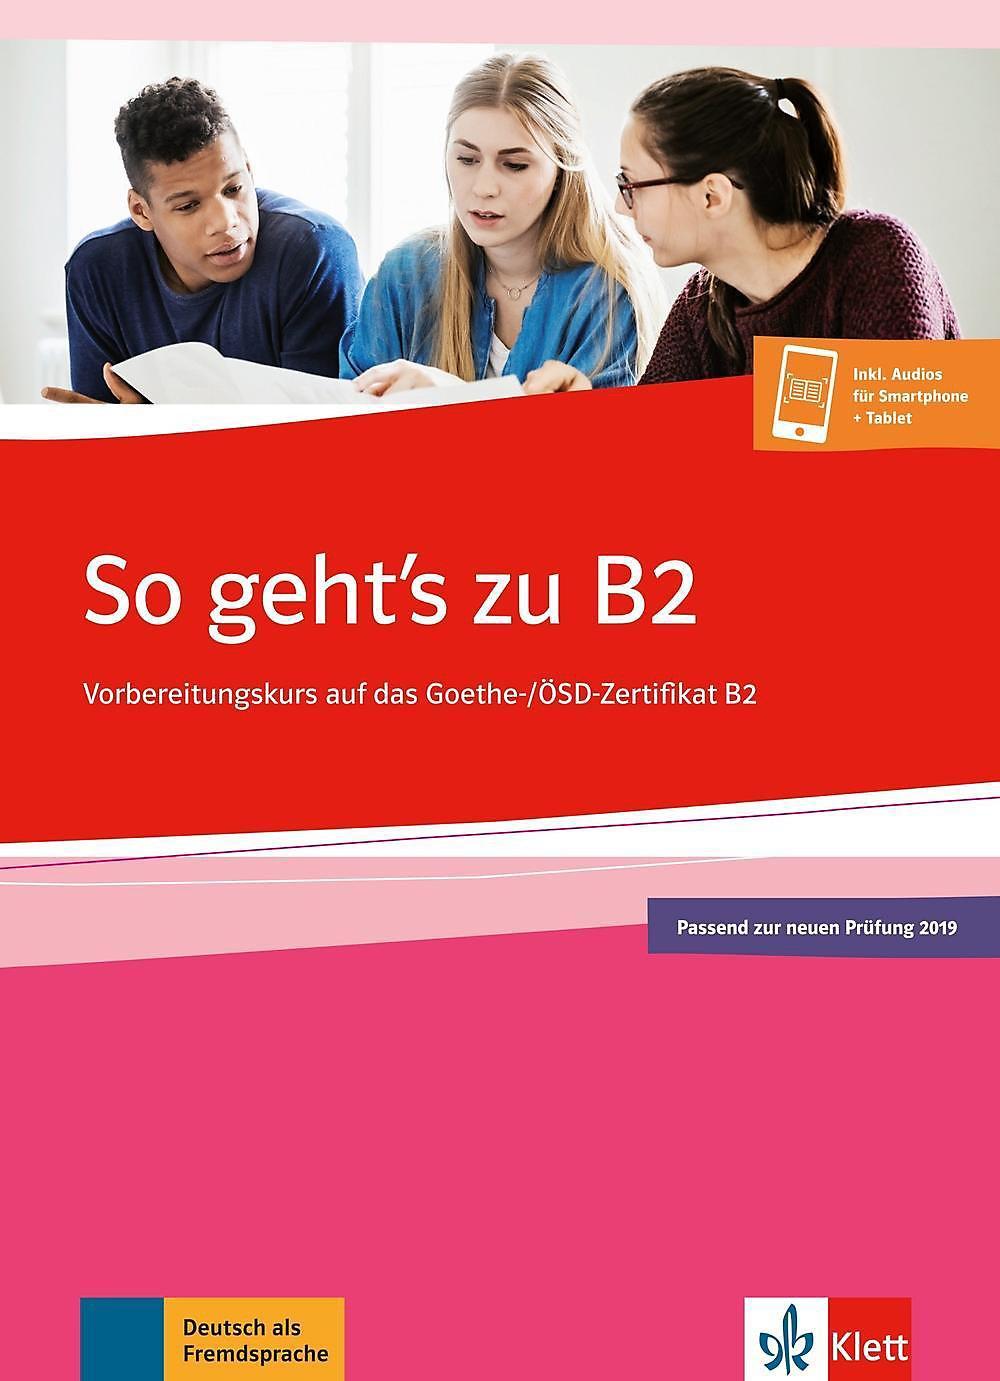 So Gehts Zu B2 übungsbuch Passend Zur Neuen Prüfung 2019 Buch